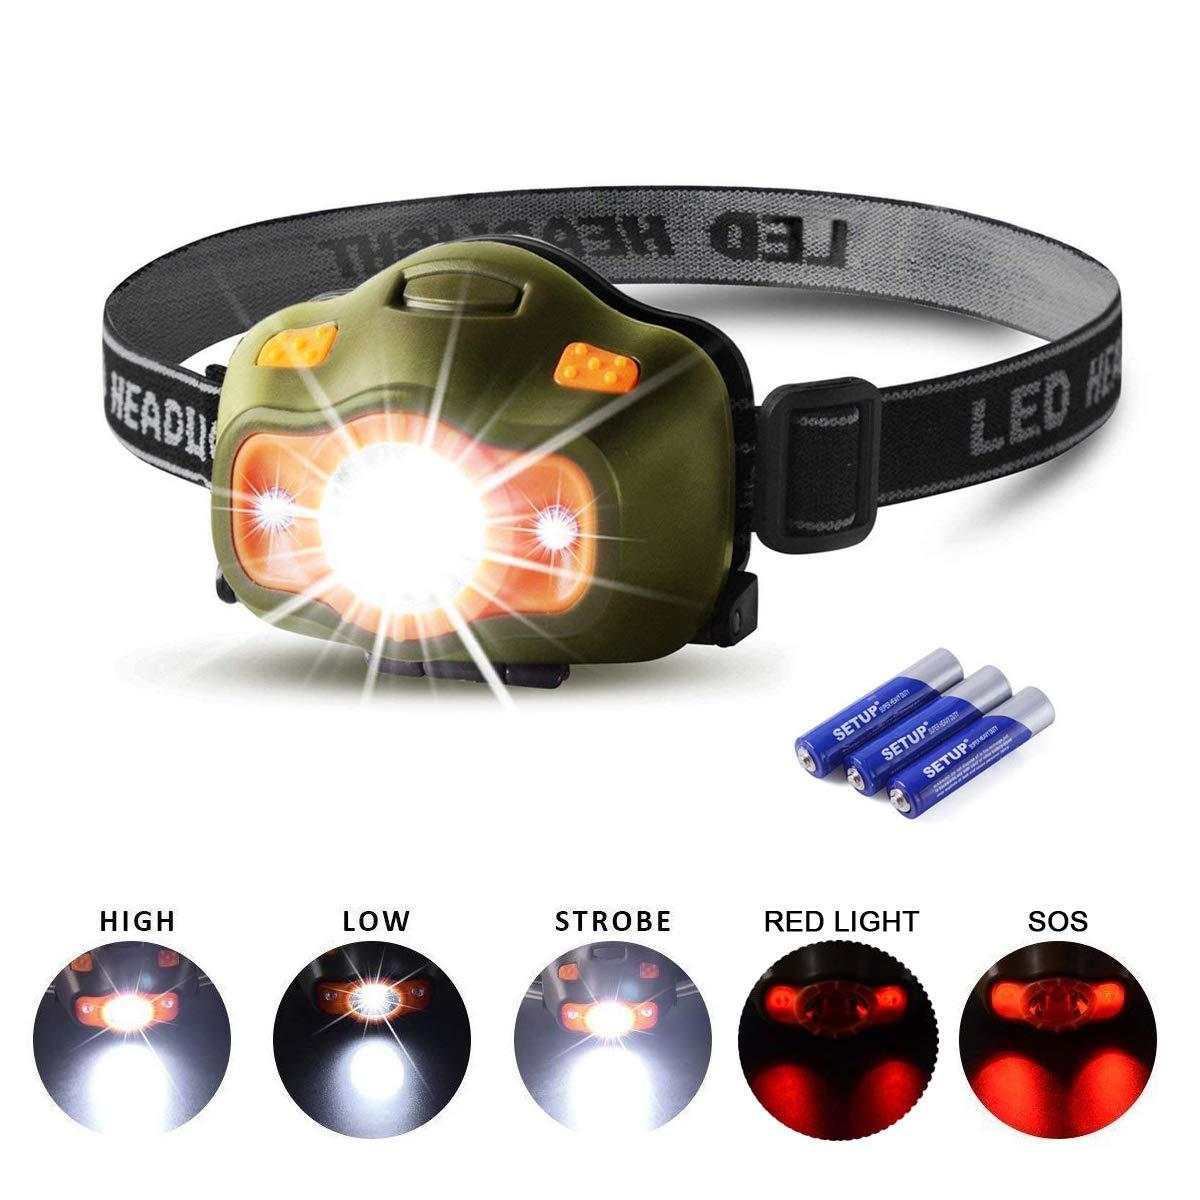 Cobiz Lampade da testa Luce Frontale LED 3 modalità 200 Lumen, Migliore per Correre, Camminare, Leggere, Campeggio,Arrampicata, Bambini, Bicicletta,Speleologia, Pesca